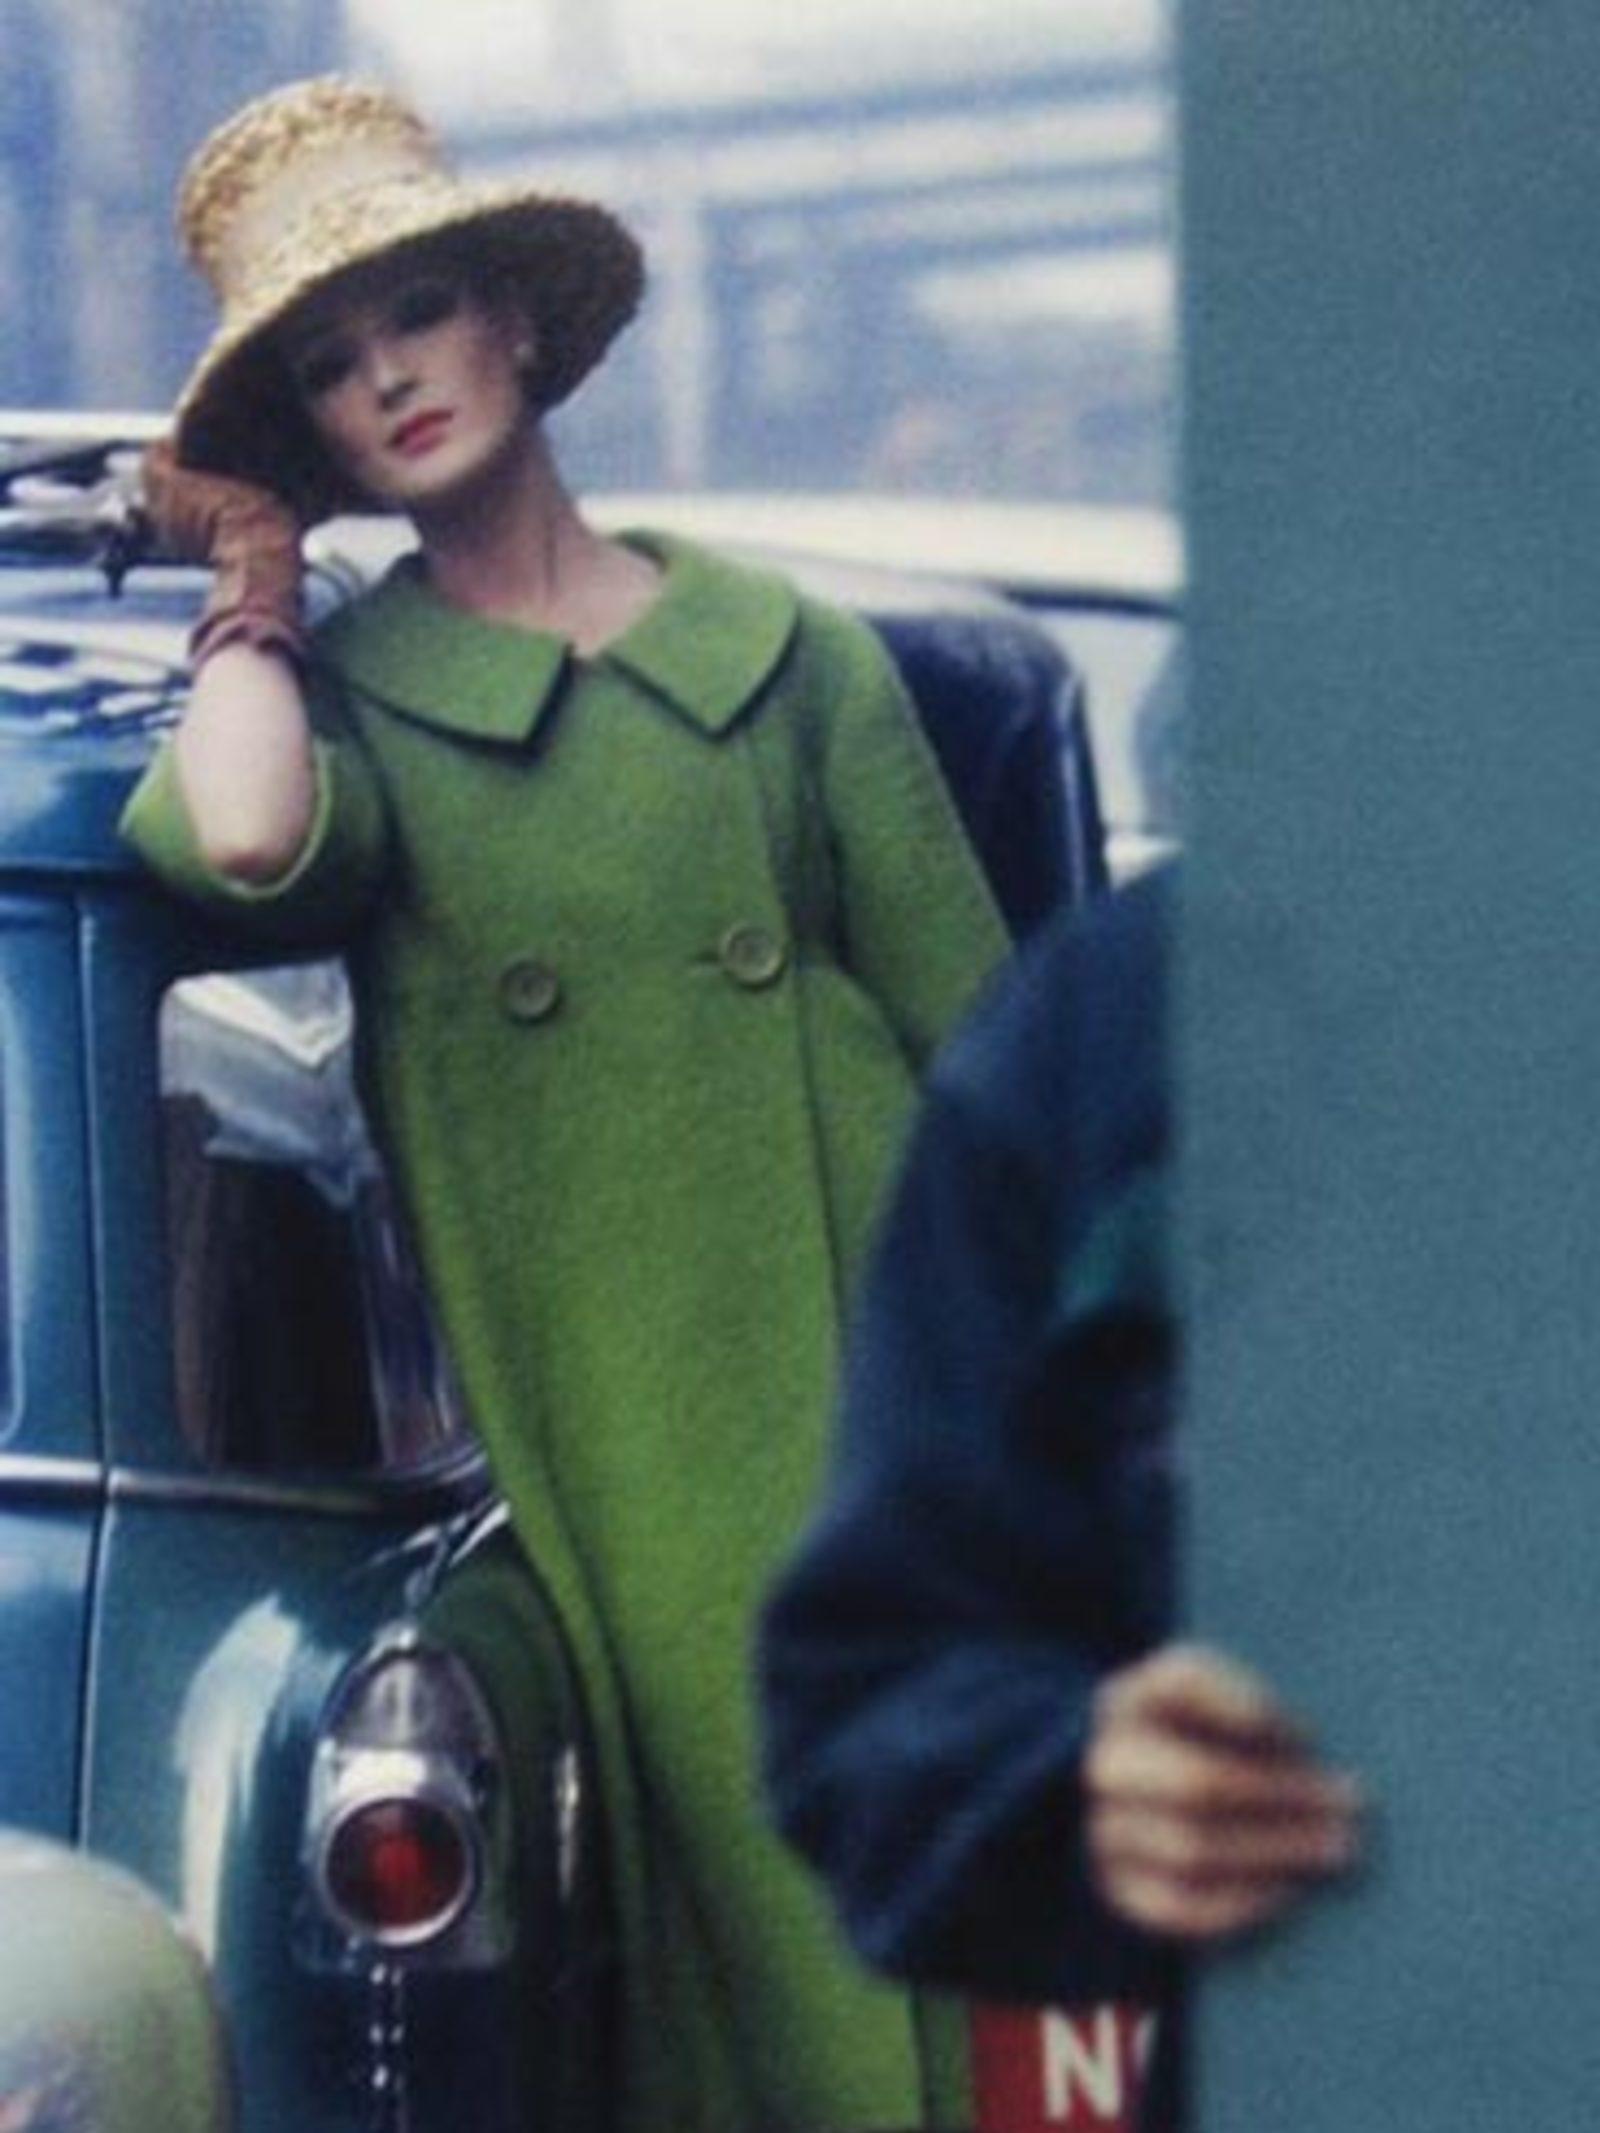 Saul-Leiter-Harpers-Bazaar-jpg-edb5e7b2